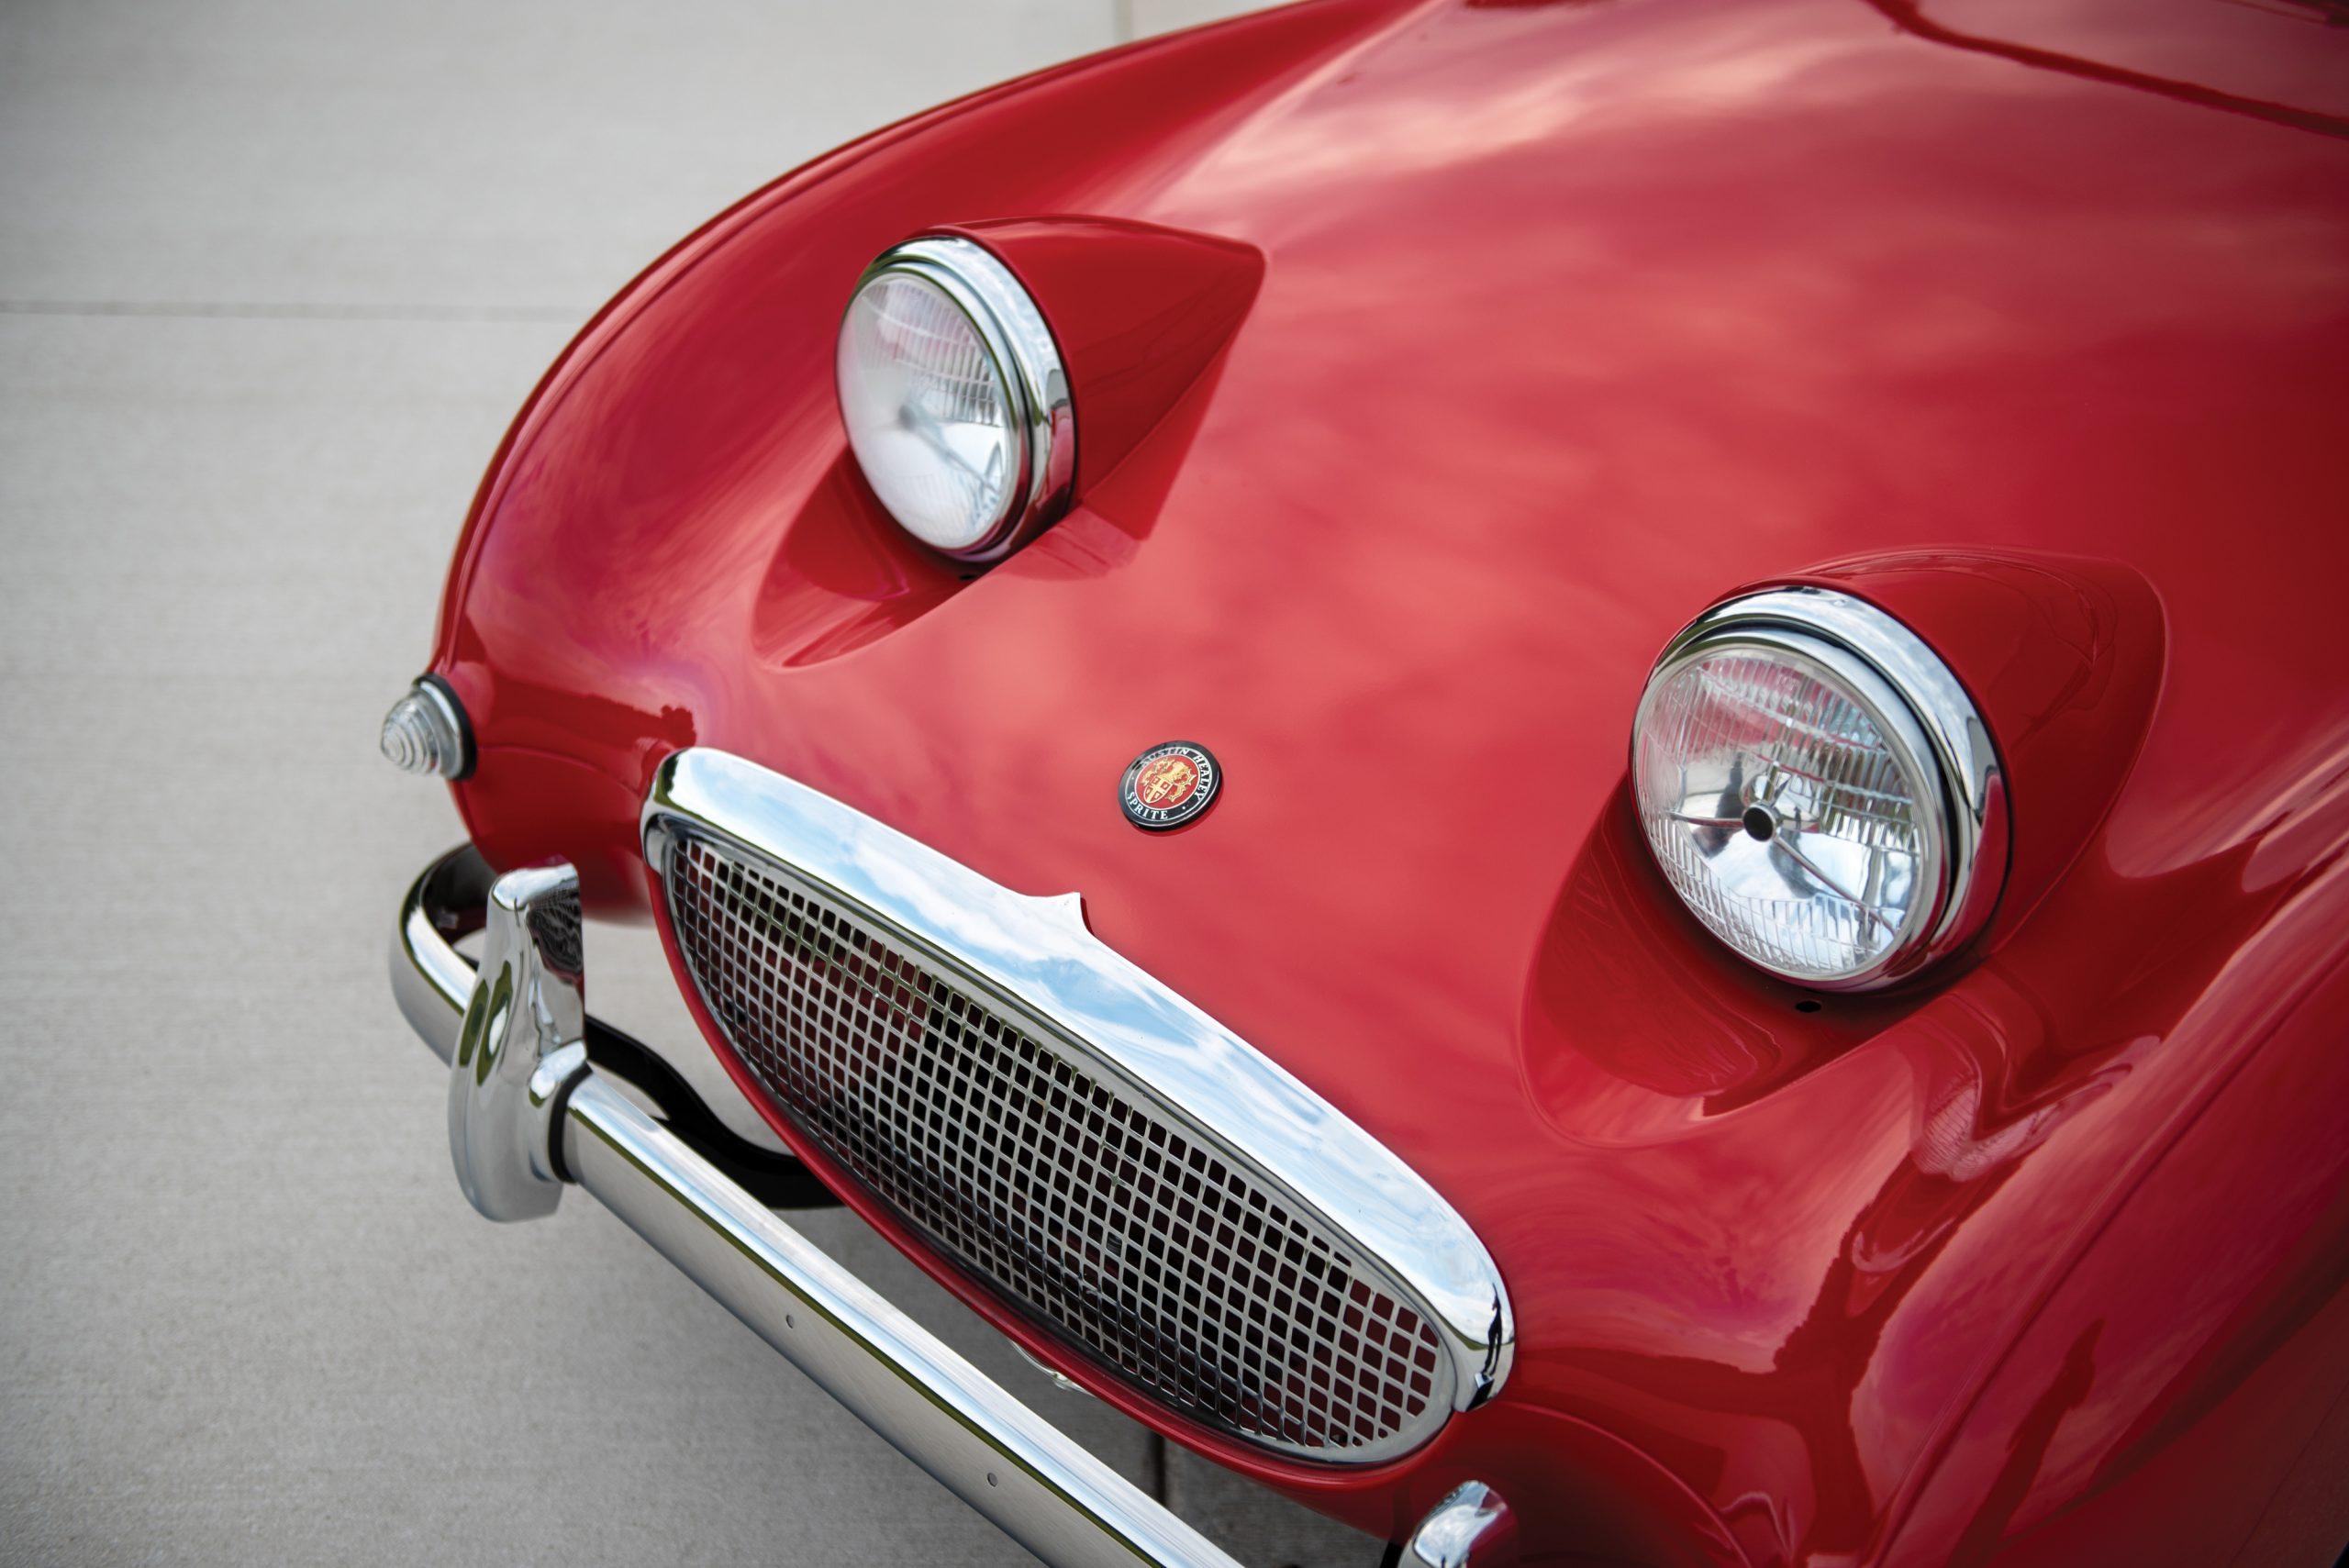 1959 Austin Healey Sprite Bugeye front fascia